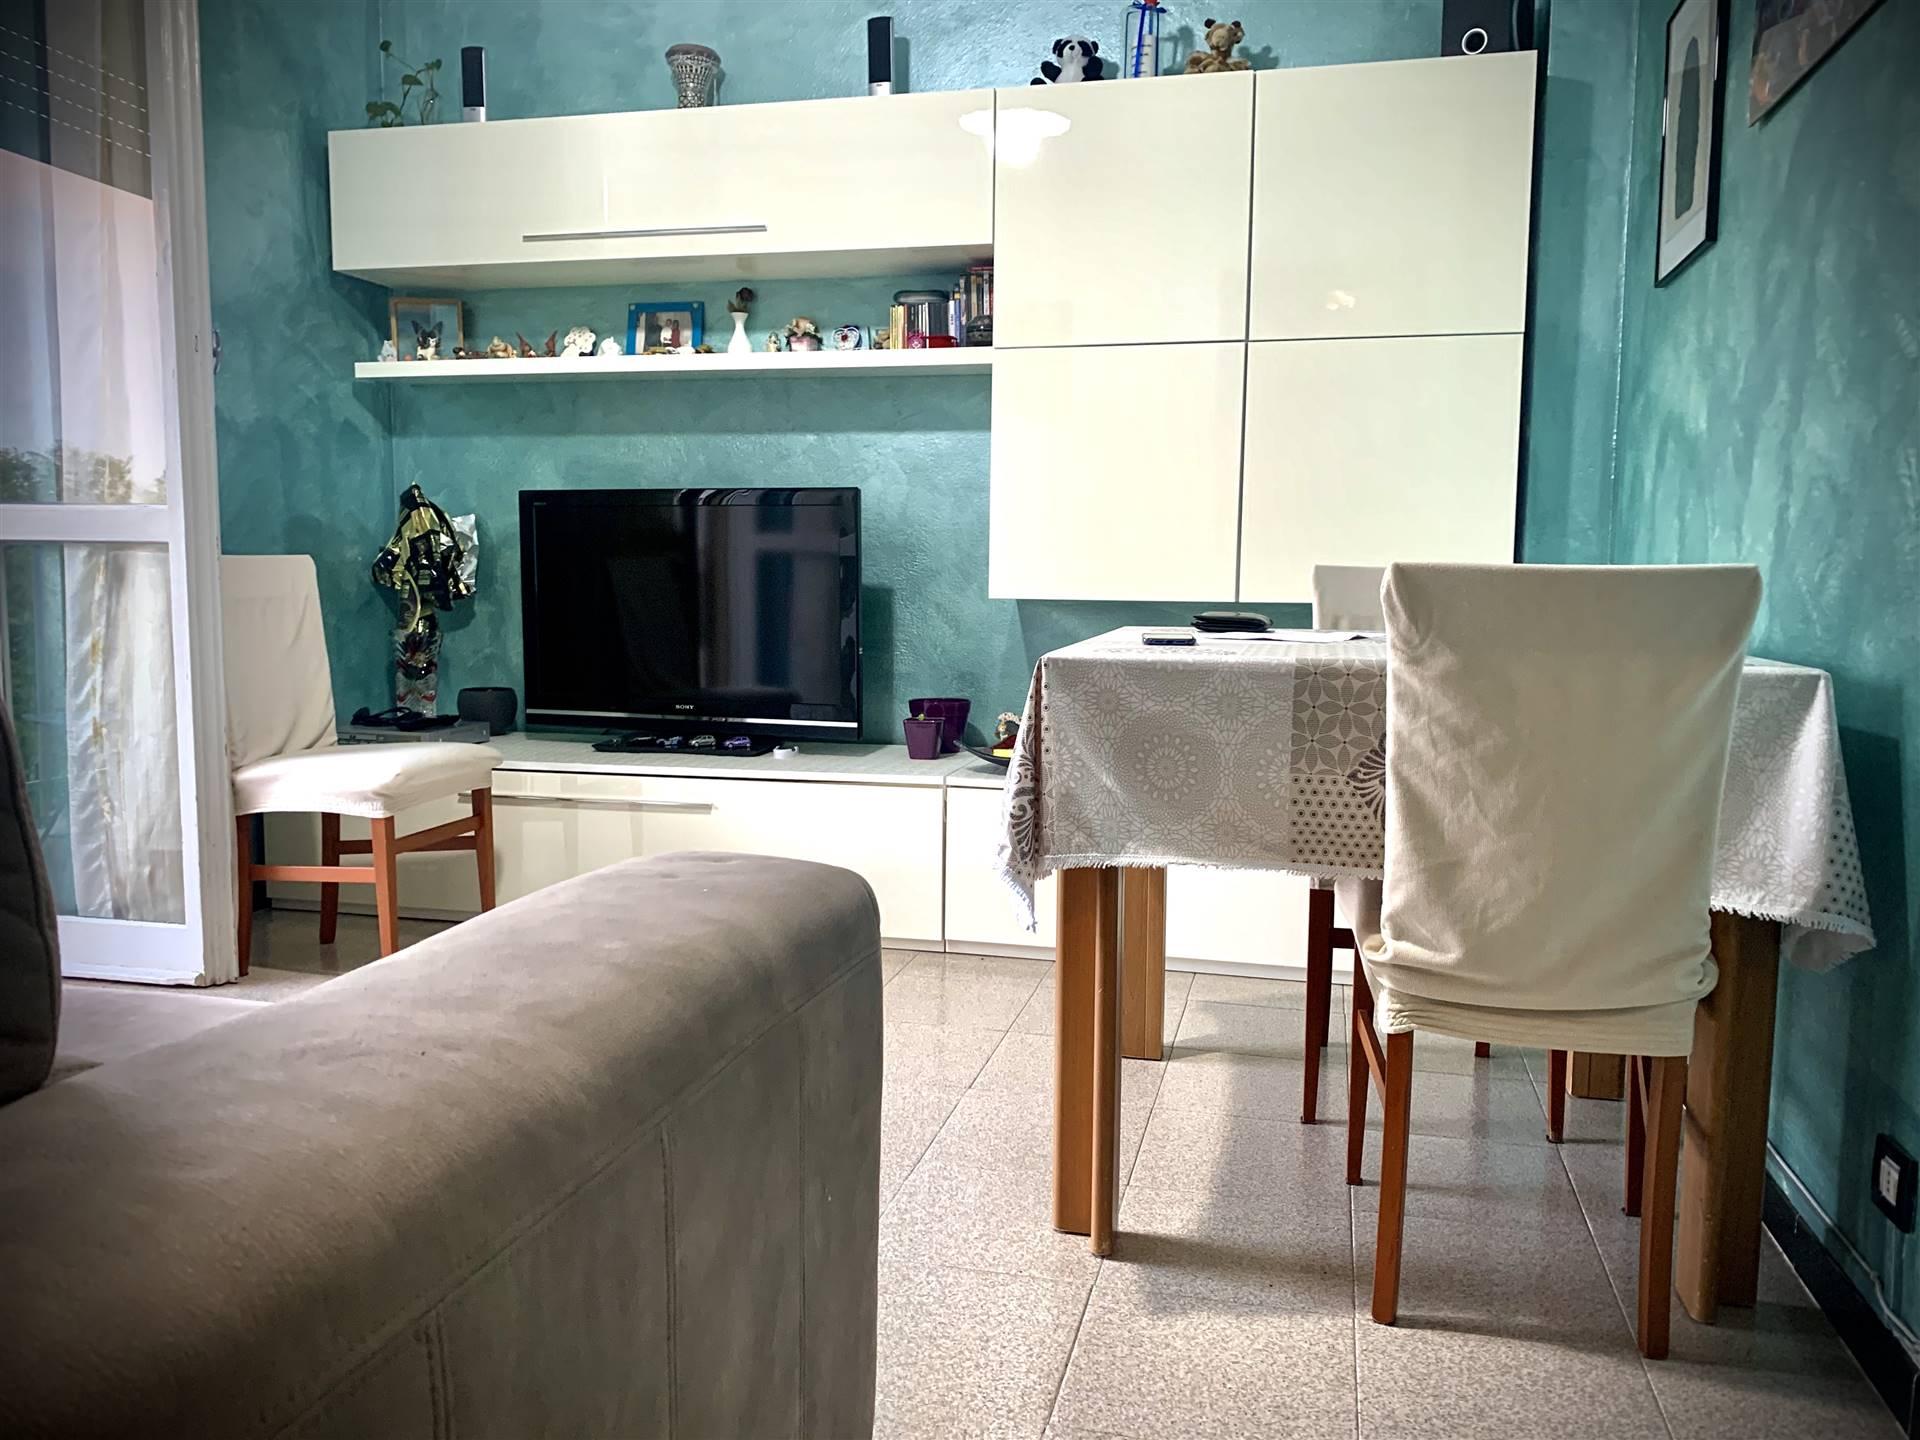 Appartamento in vendita a Noviglio, 2 locali, prezzo € 69.000 | PortaleAgenzieImmobiliari.it